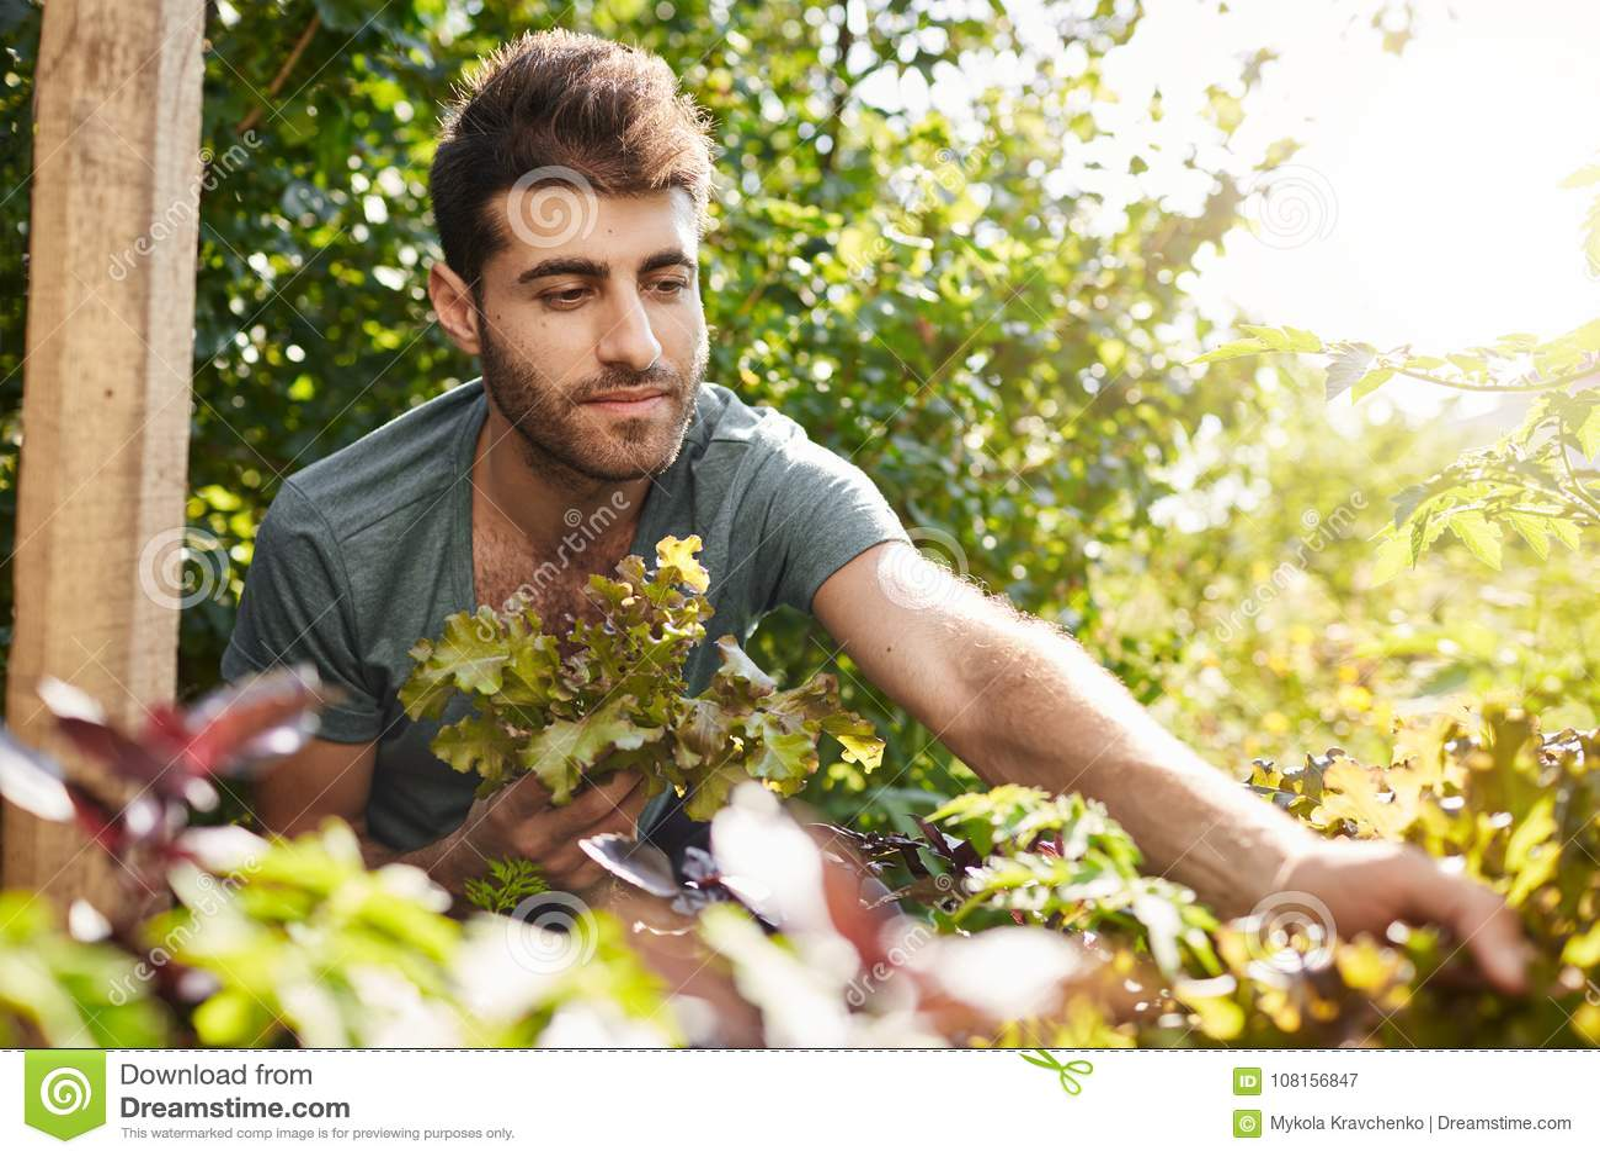 Plenerowy portret atrakcyjna młoda brodata caucasian ogrodniczka w błękitnej koszulce pracuje w ogródzie, zbieracka sałatka